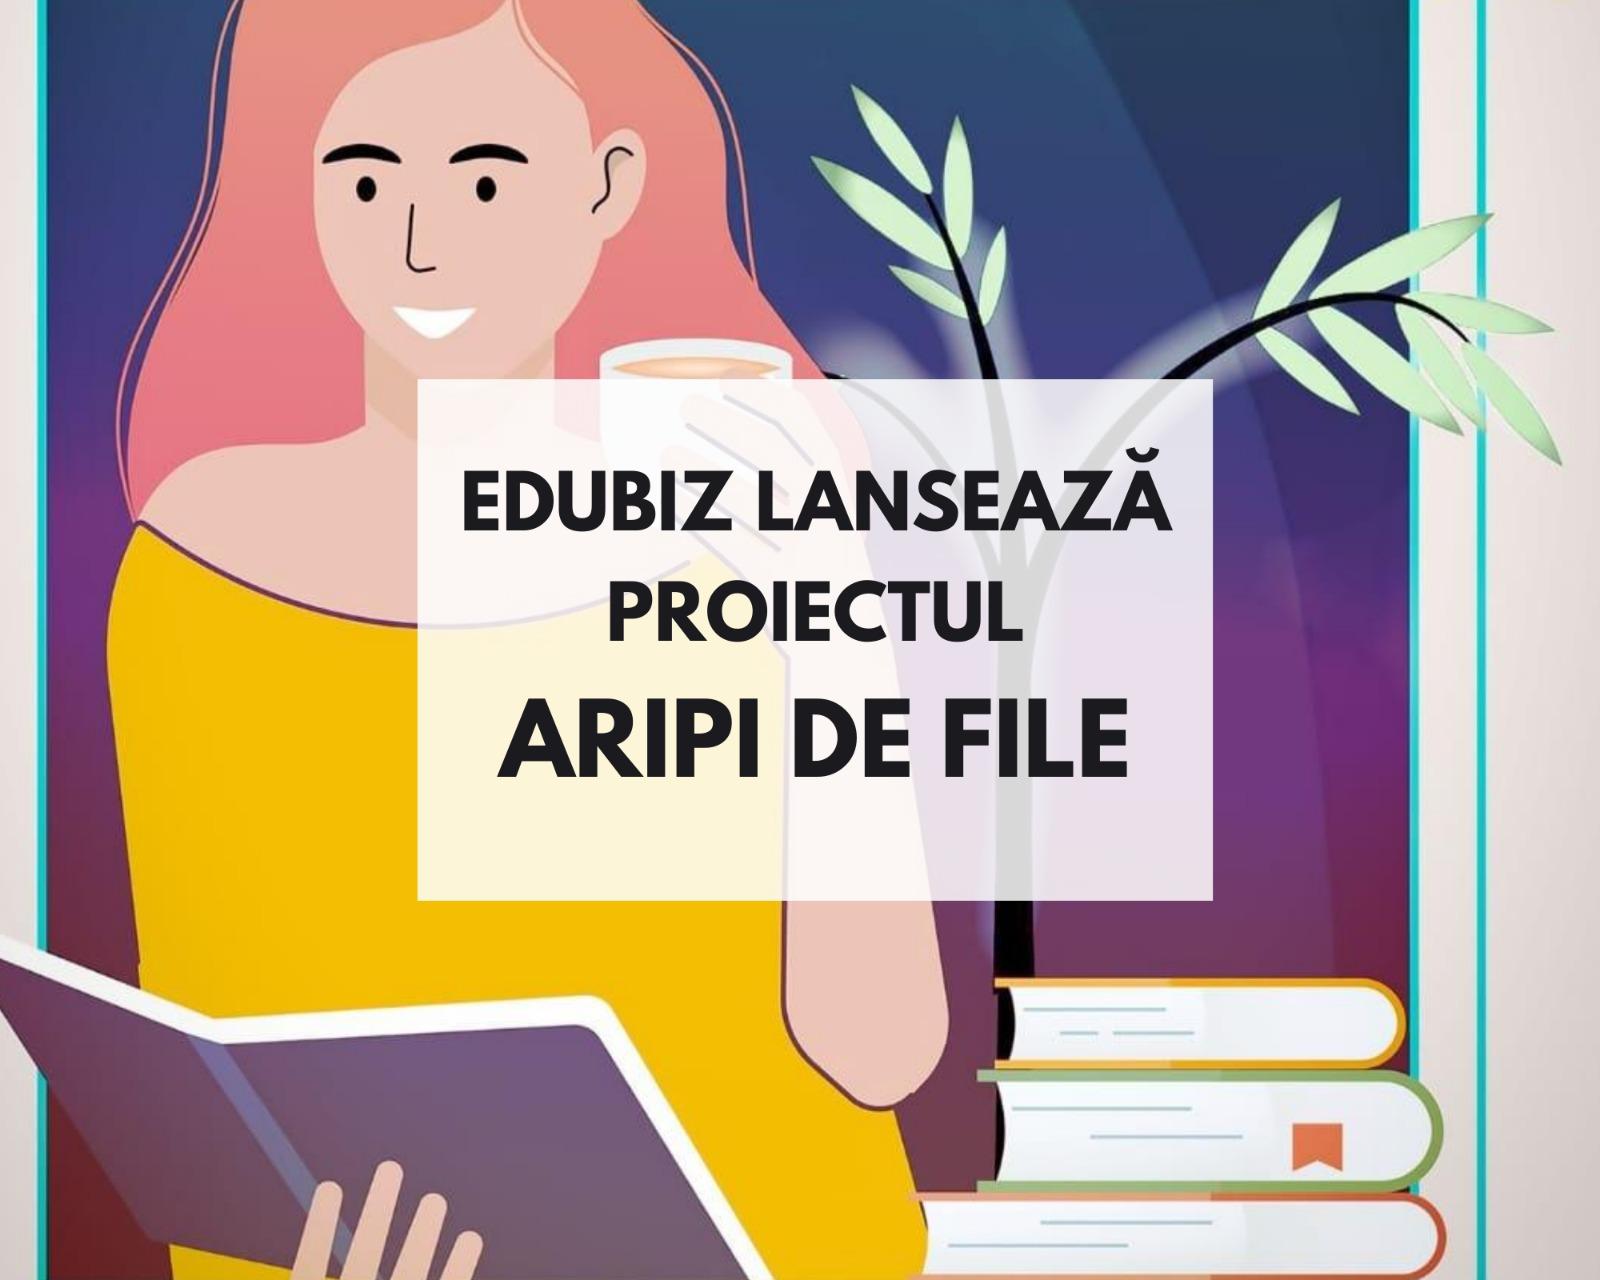 """Edubiz lansează proiectul """"Aripi de file""""!"""